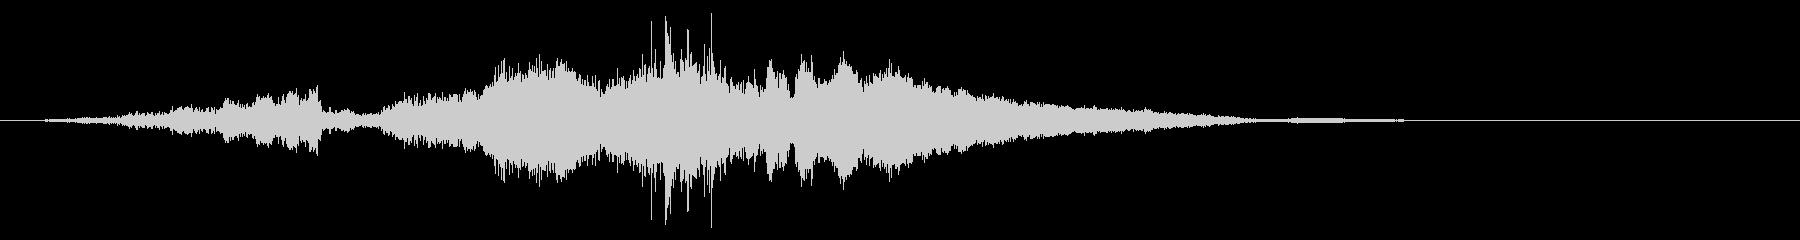 ビンテージフォーミュラ1; Slo...の未再生の波形